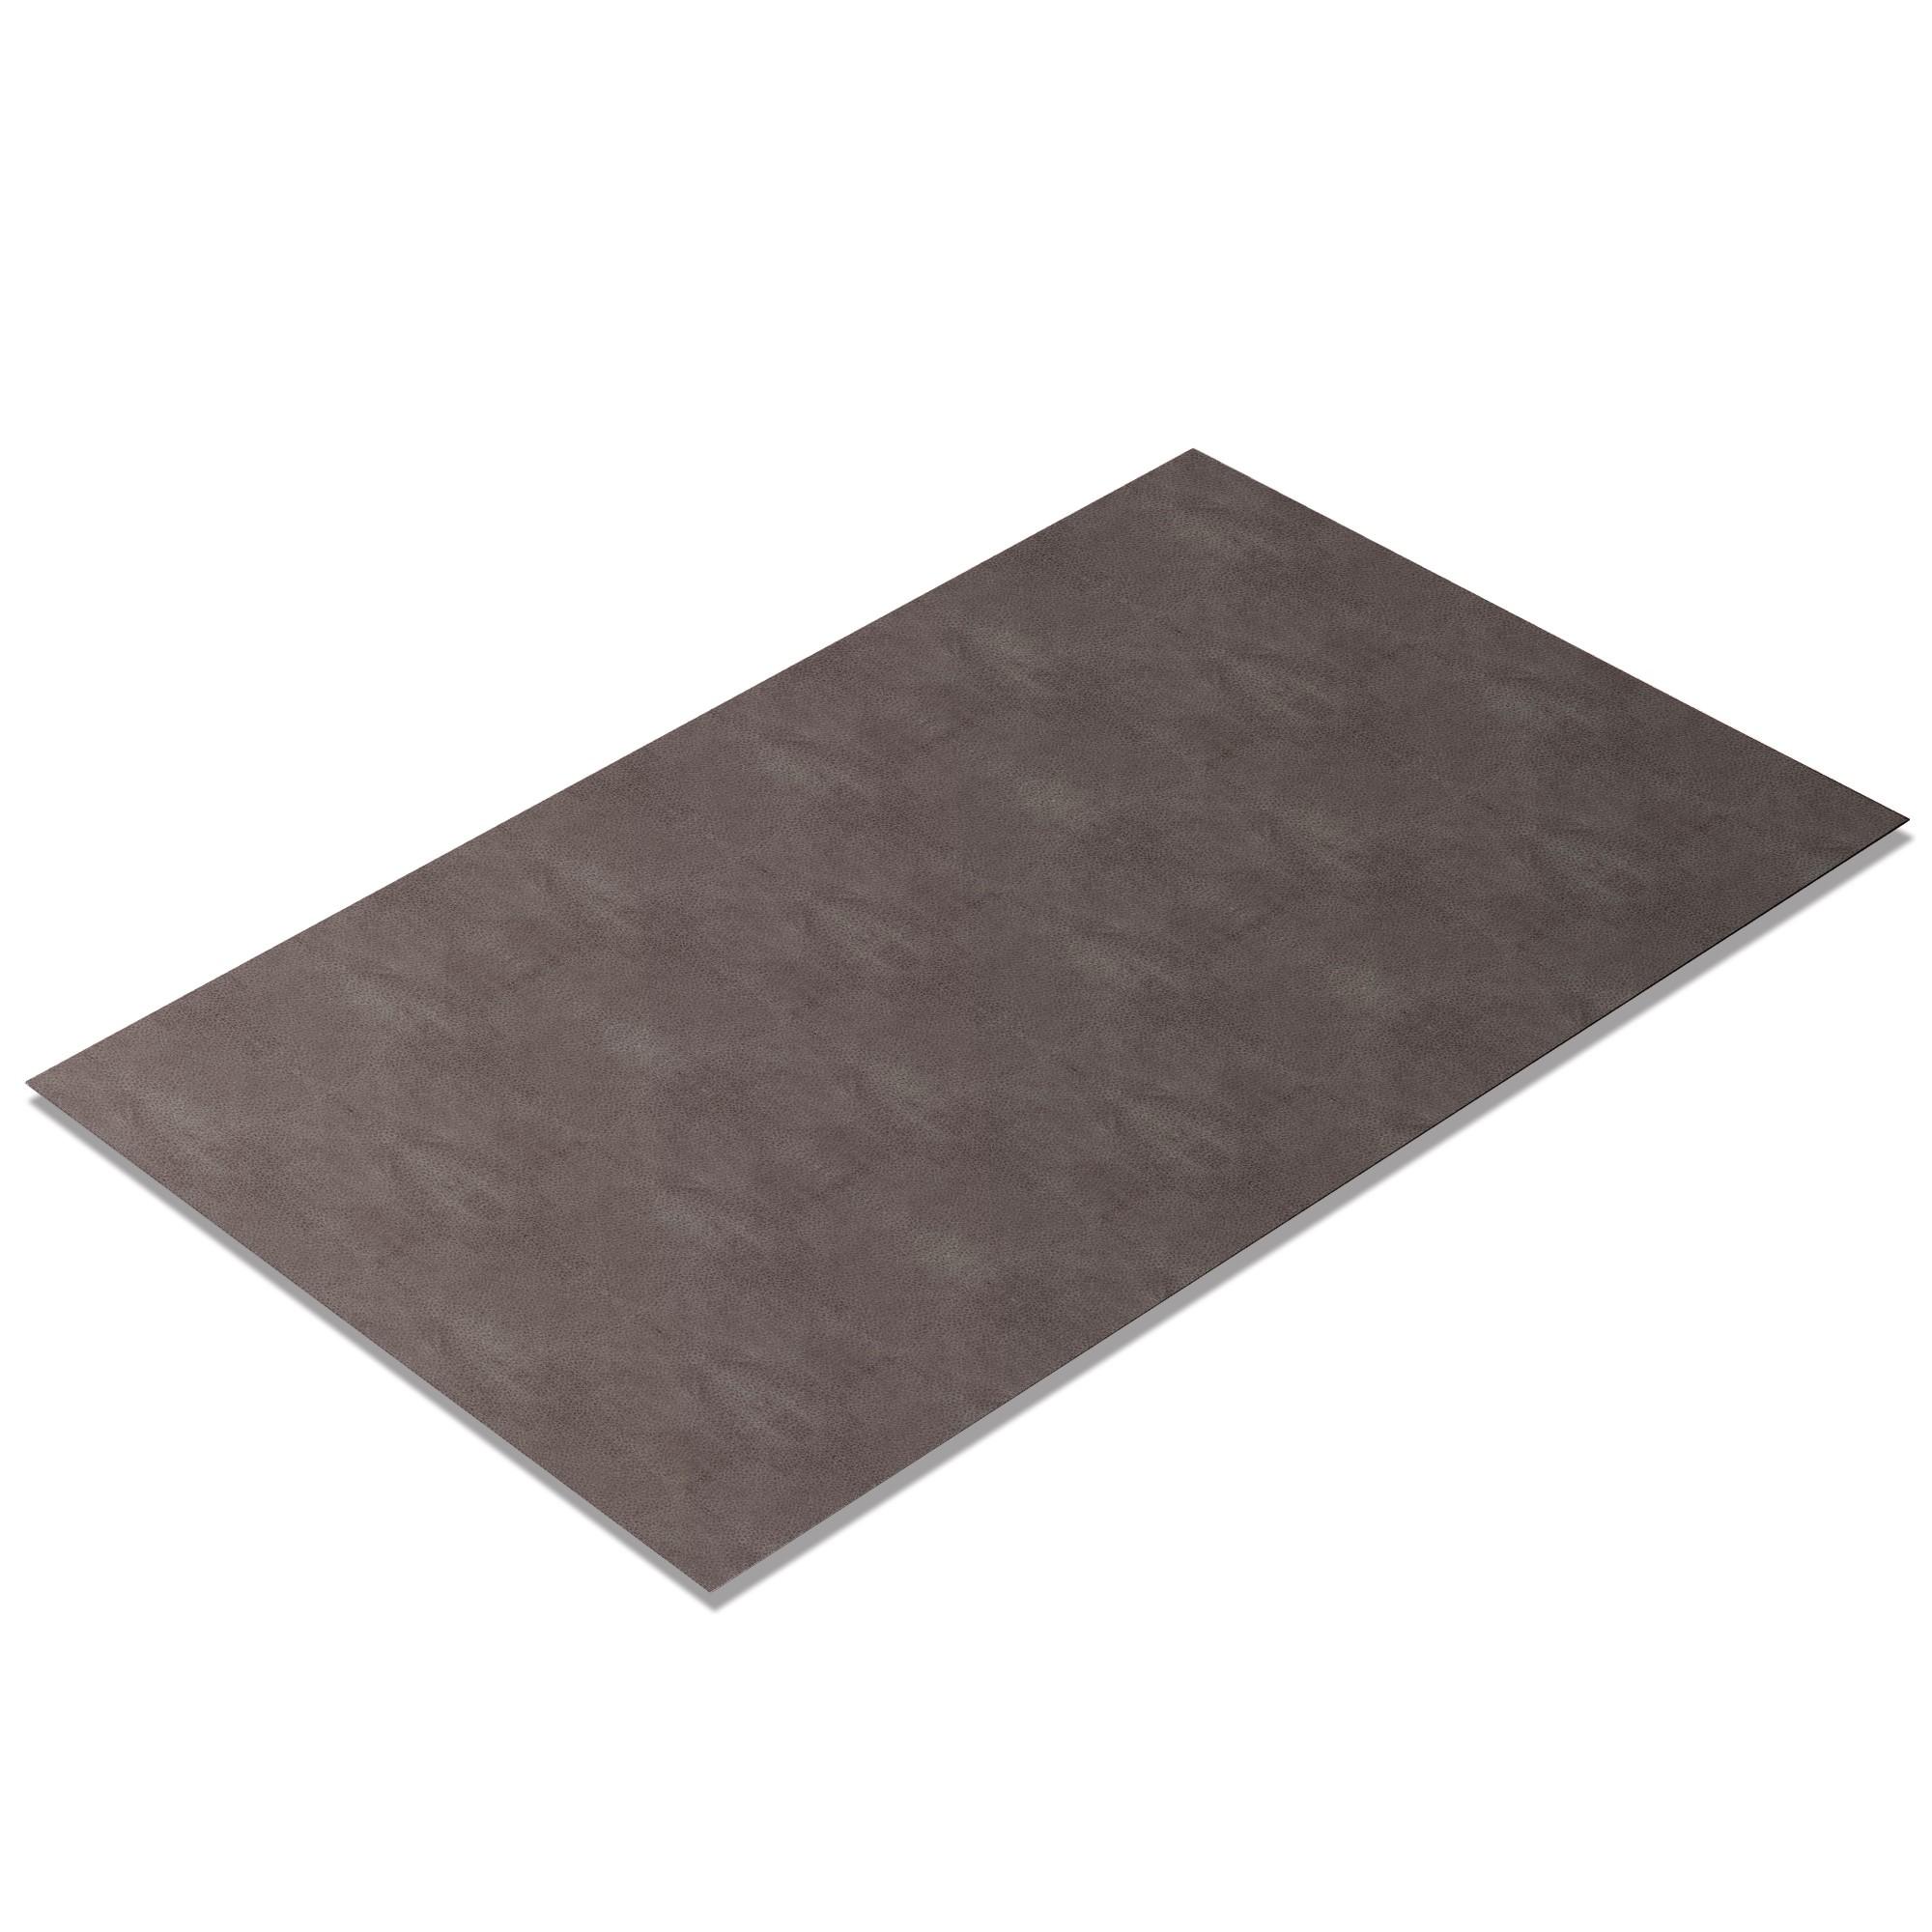 Kunstleder Meterware Nevada-Soft Silber [NEVSO118]